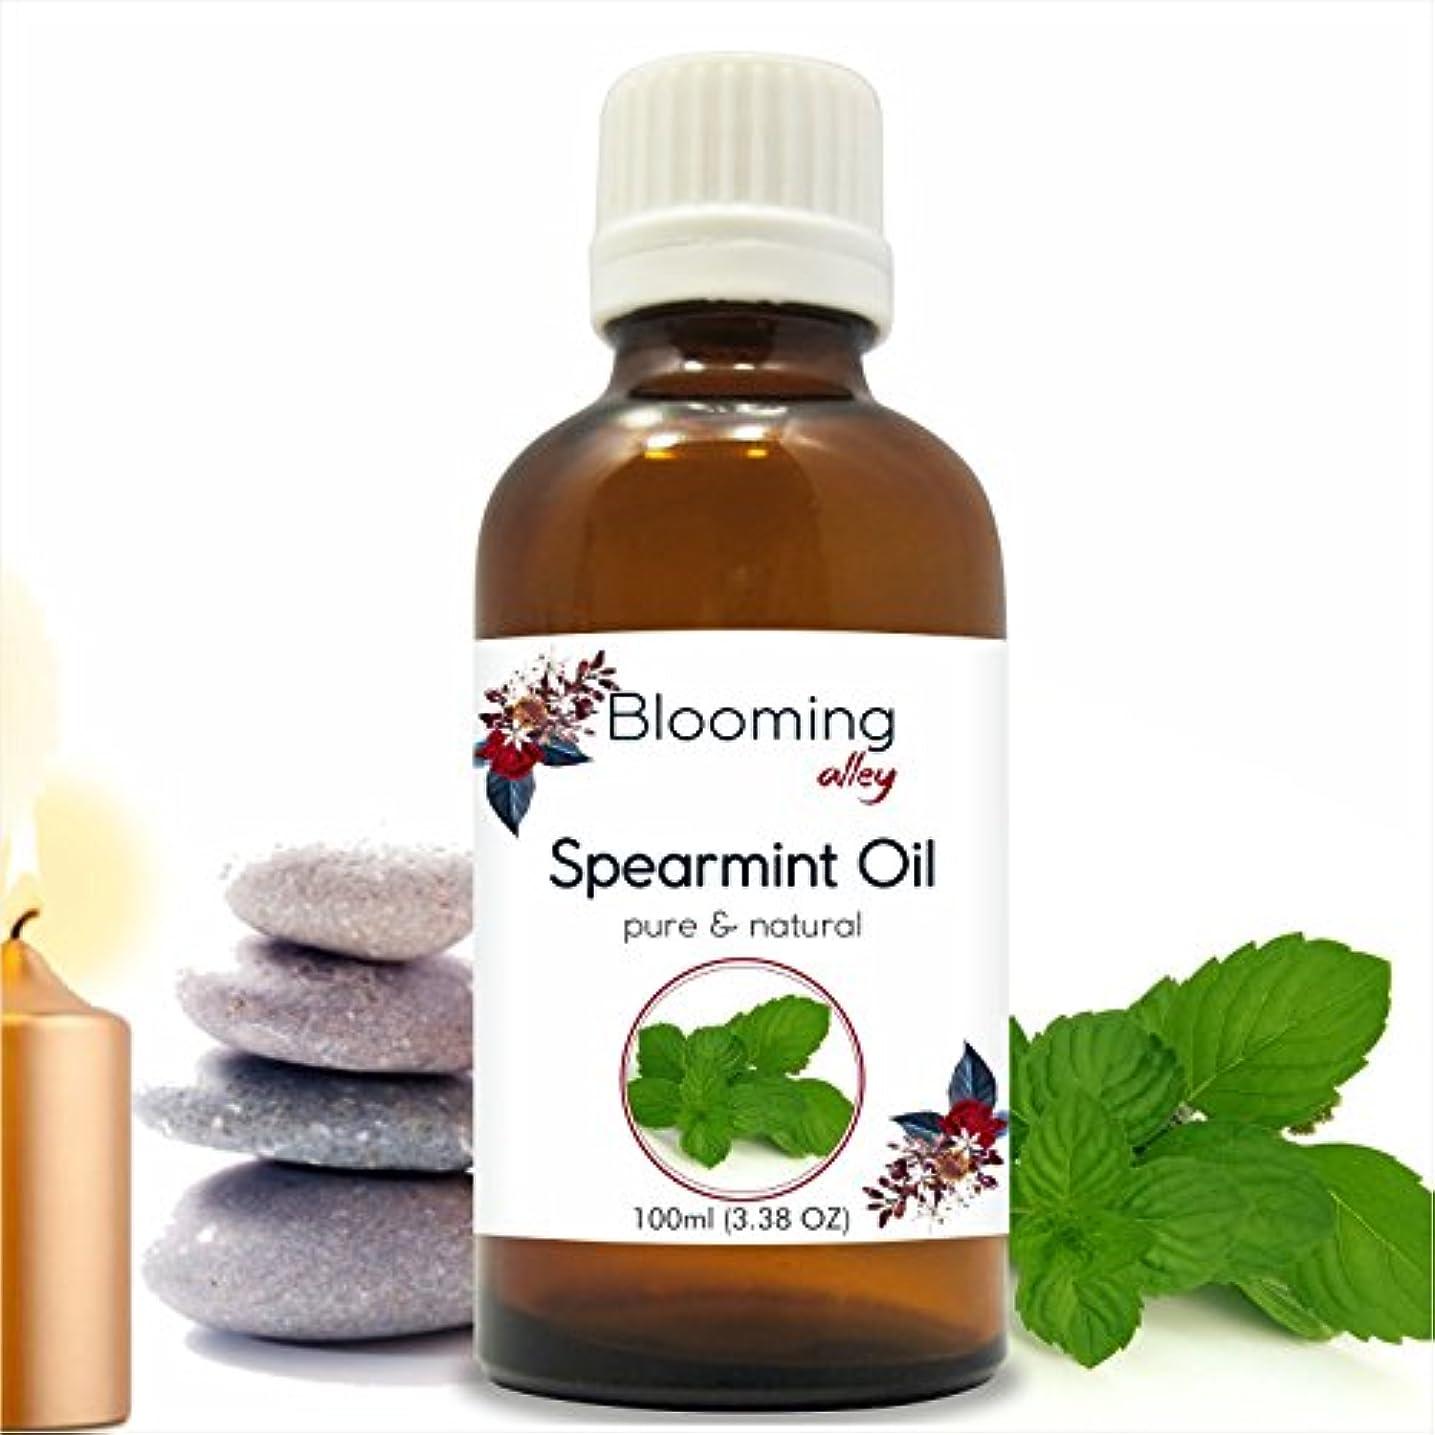 マルクス主義者魔術入力Spearmint Oil(Mentha Spicata) Essential Oil 100 ml or 3.38 Fl Oz by Blooming Alley